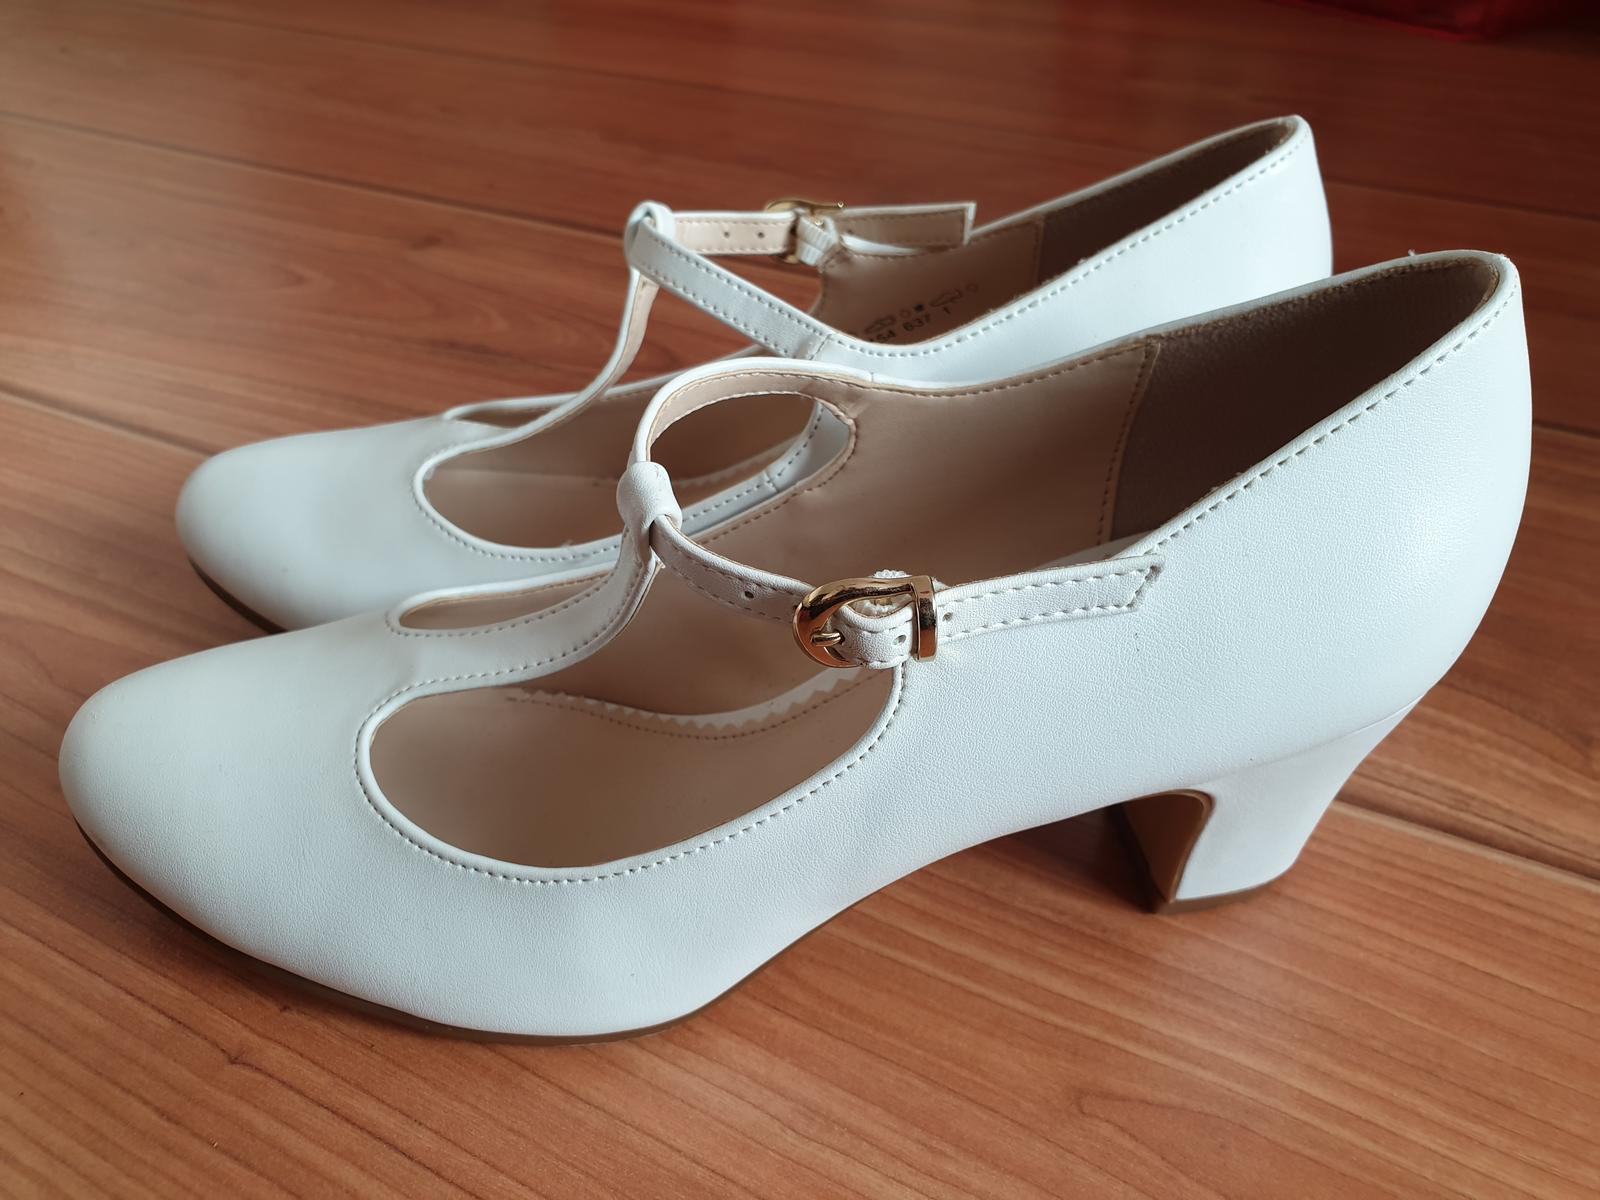 Predám svadobné topánky Graceland veľkosť 38 - Obrázok č. 1